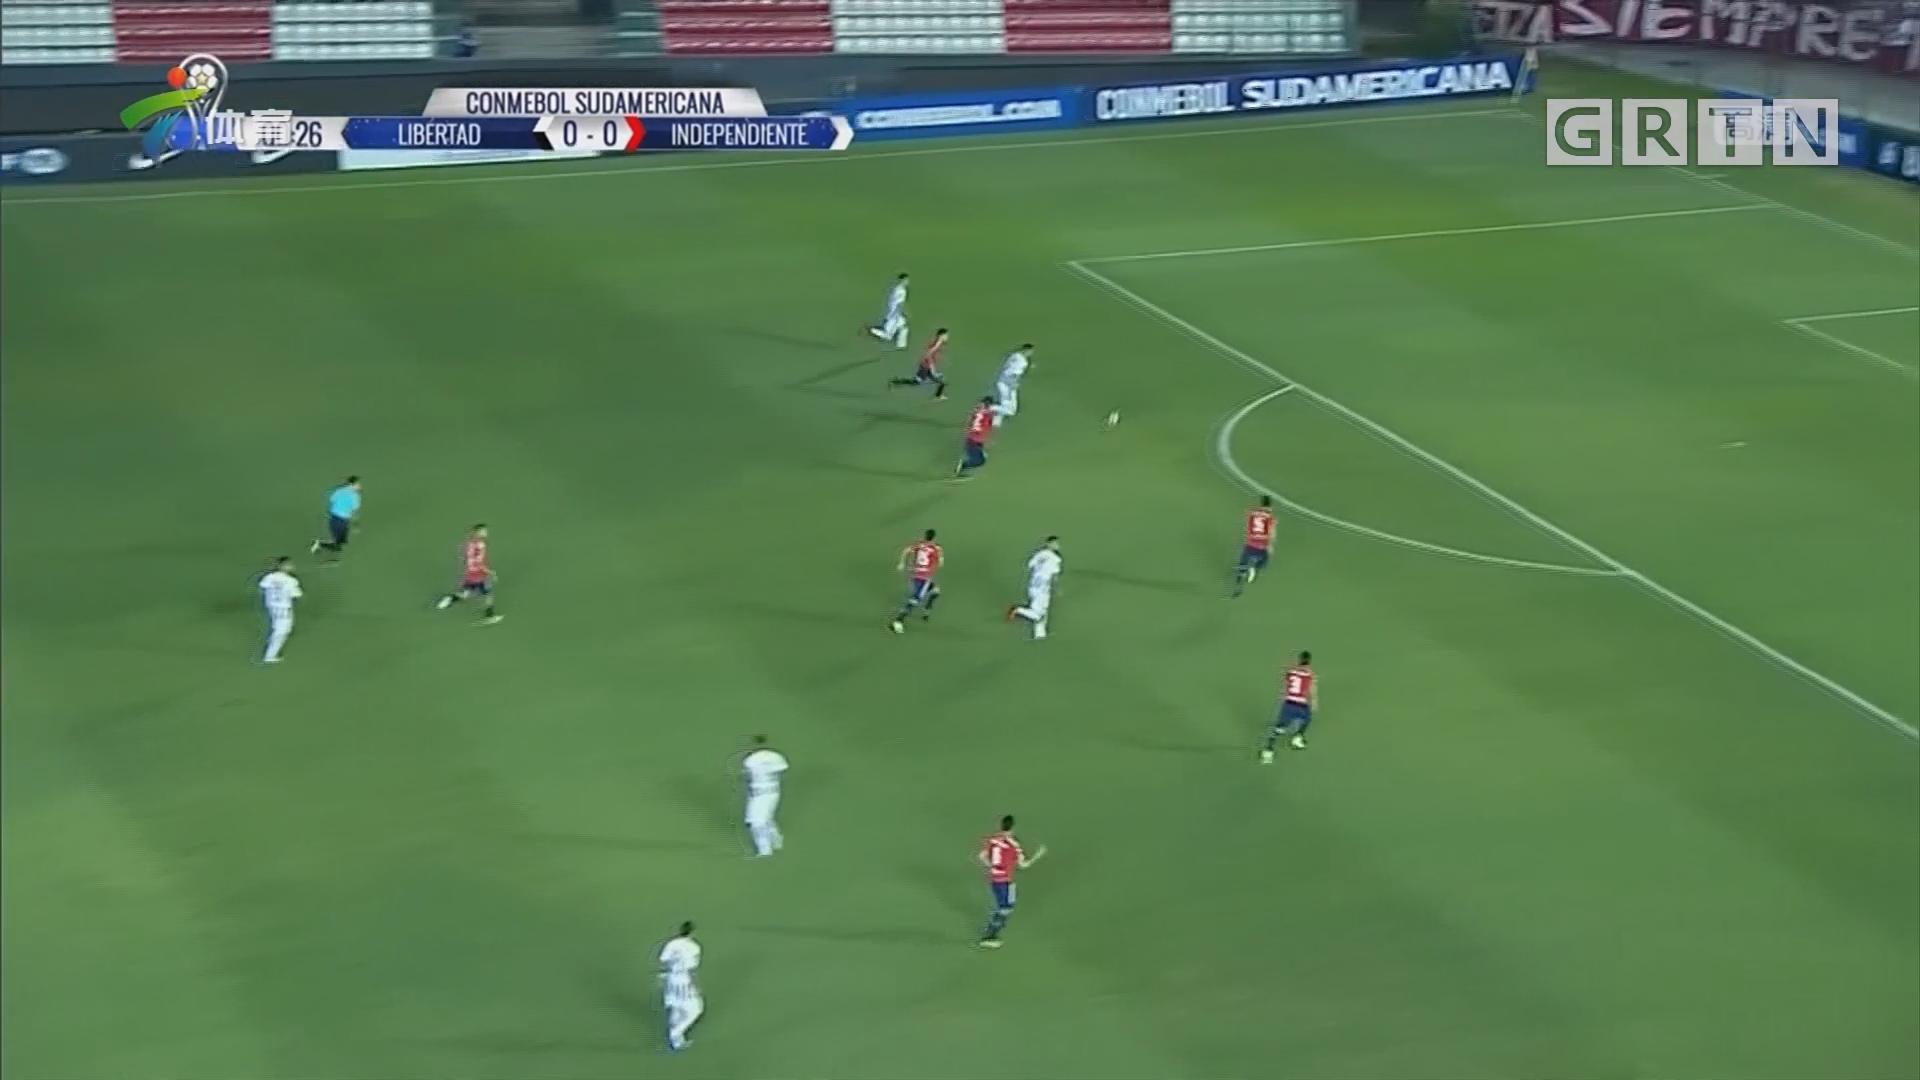 南美杯半决赛首回合 自由队击败独立队